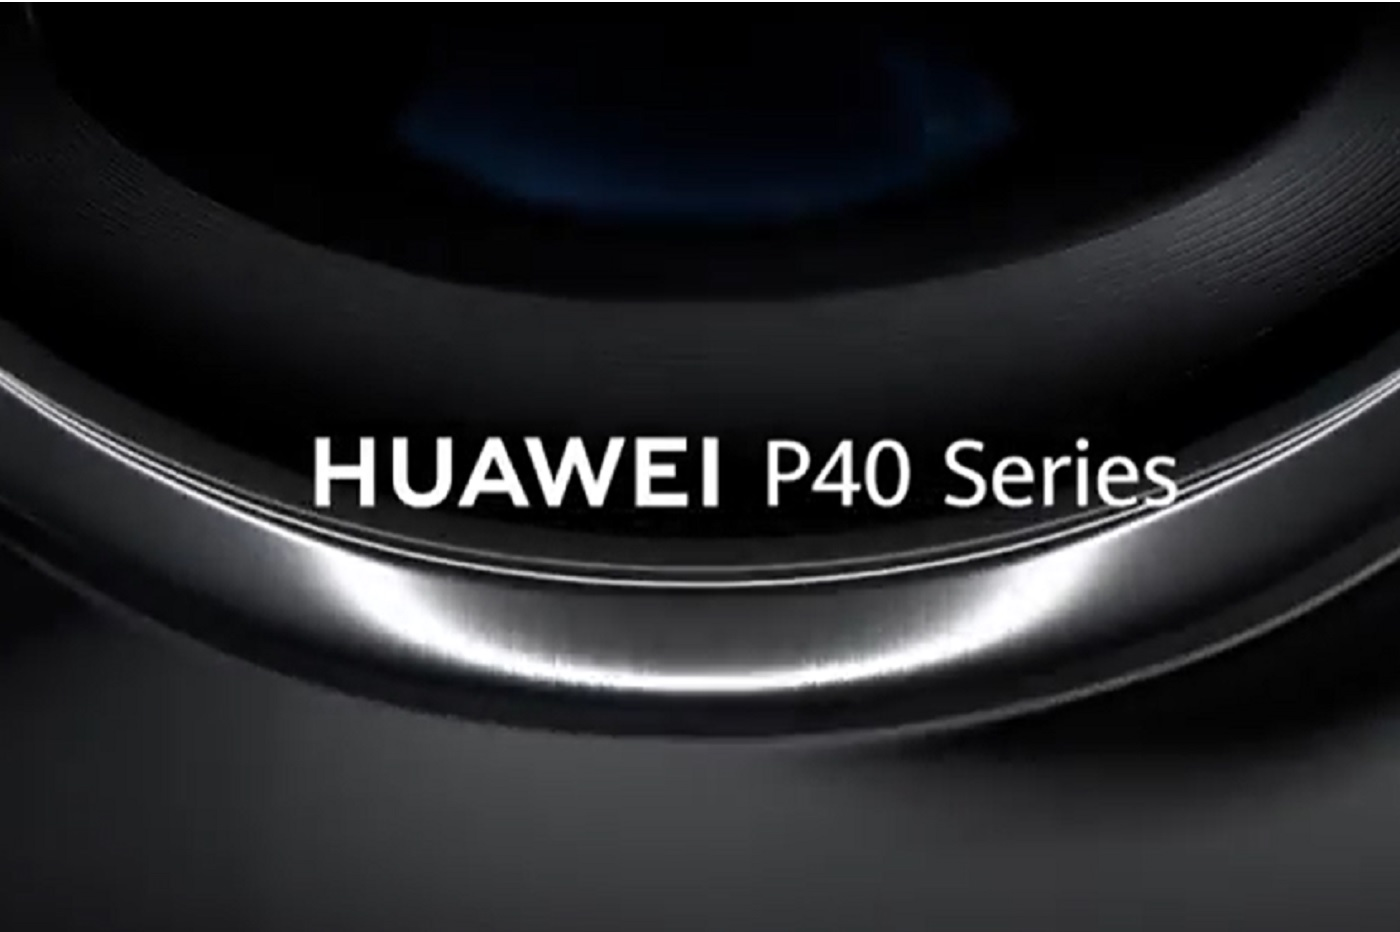 Teasing des Huawei P40 Series